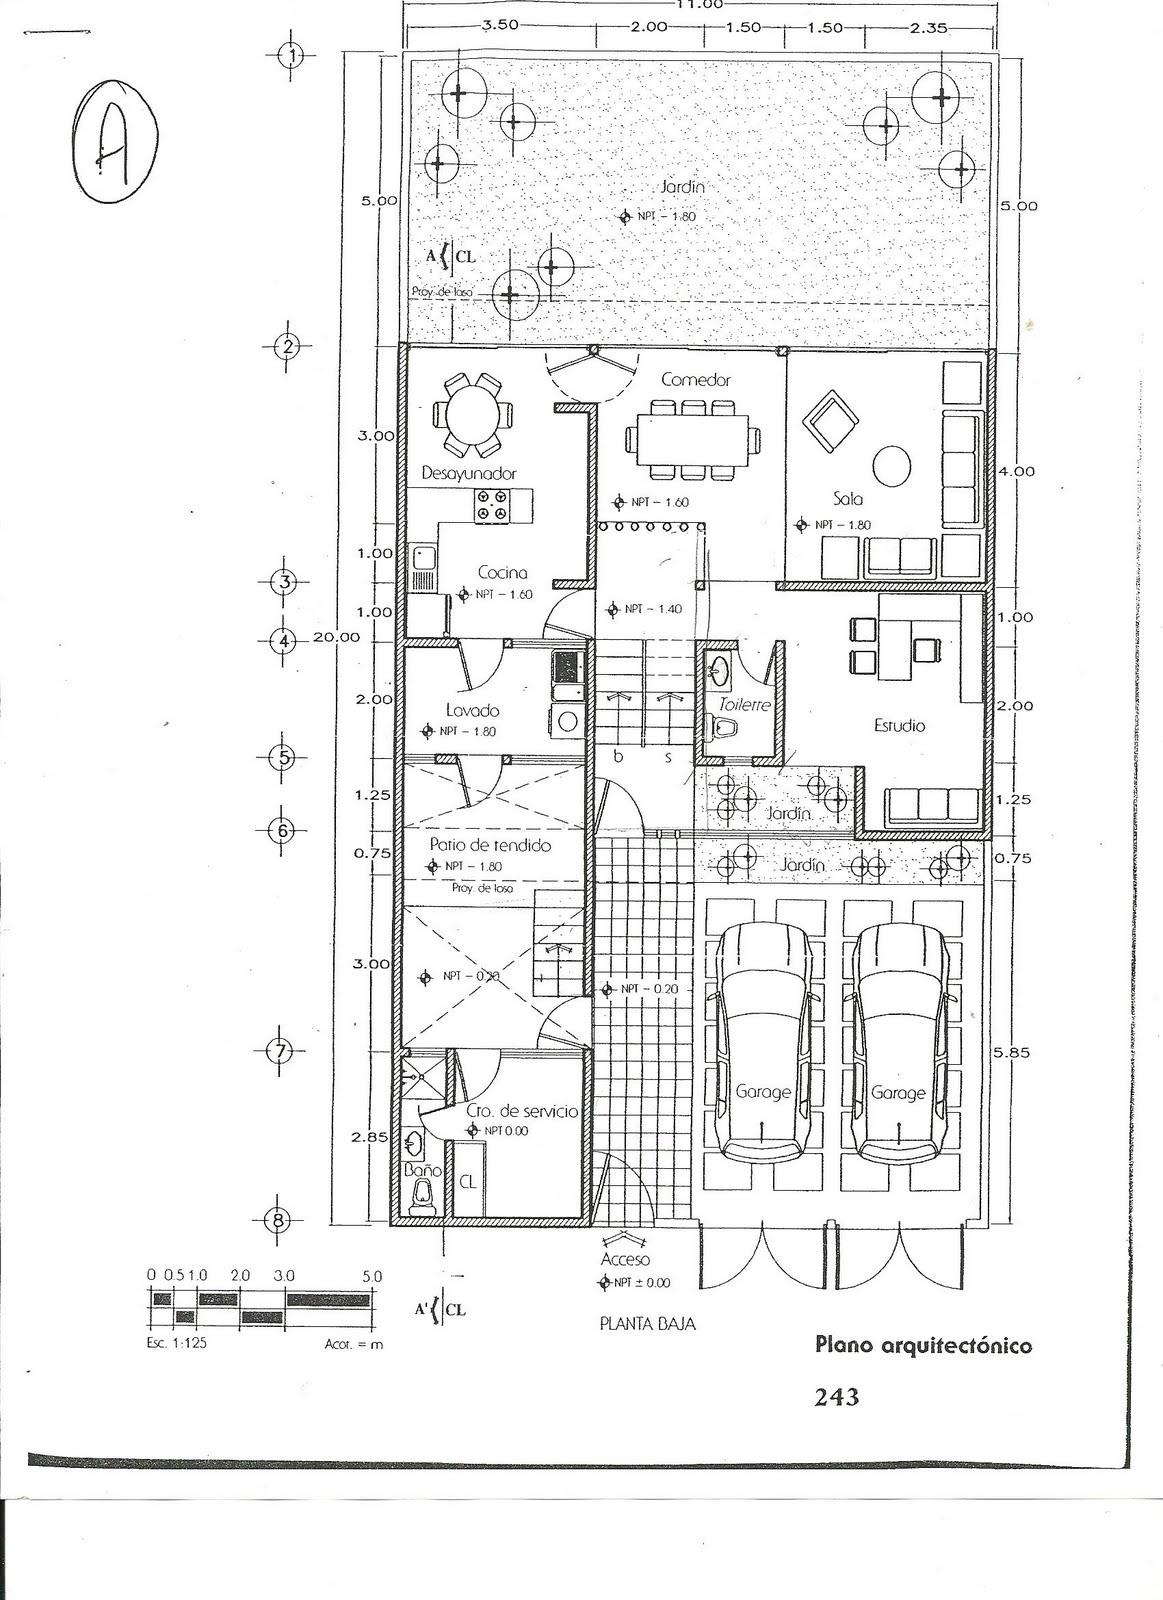 Nolasco medrano juan eduardo 5iv05 septiembre 2011 for Planos de arquitectura pdf